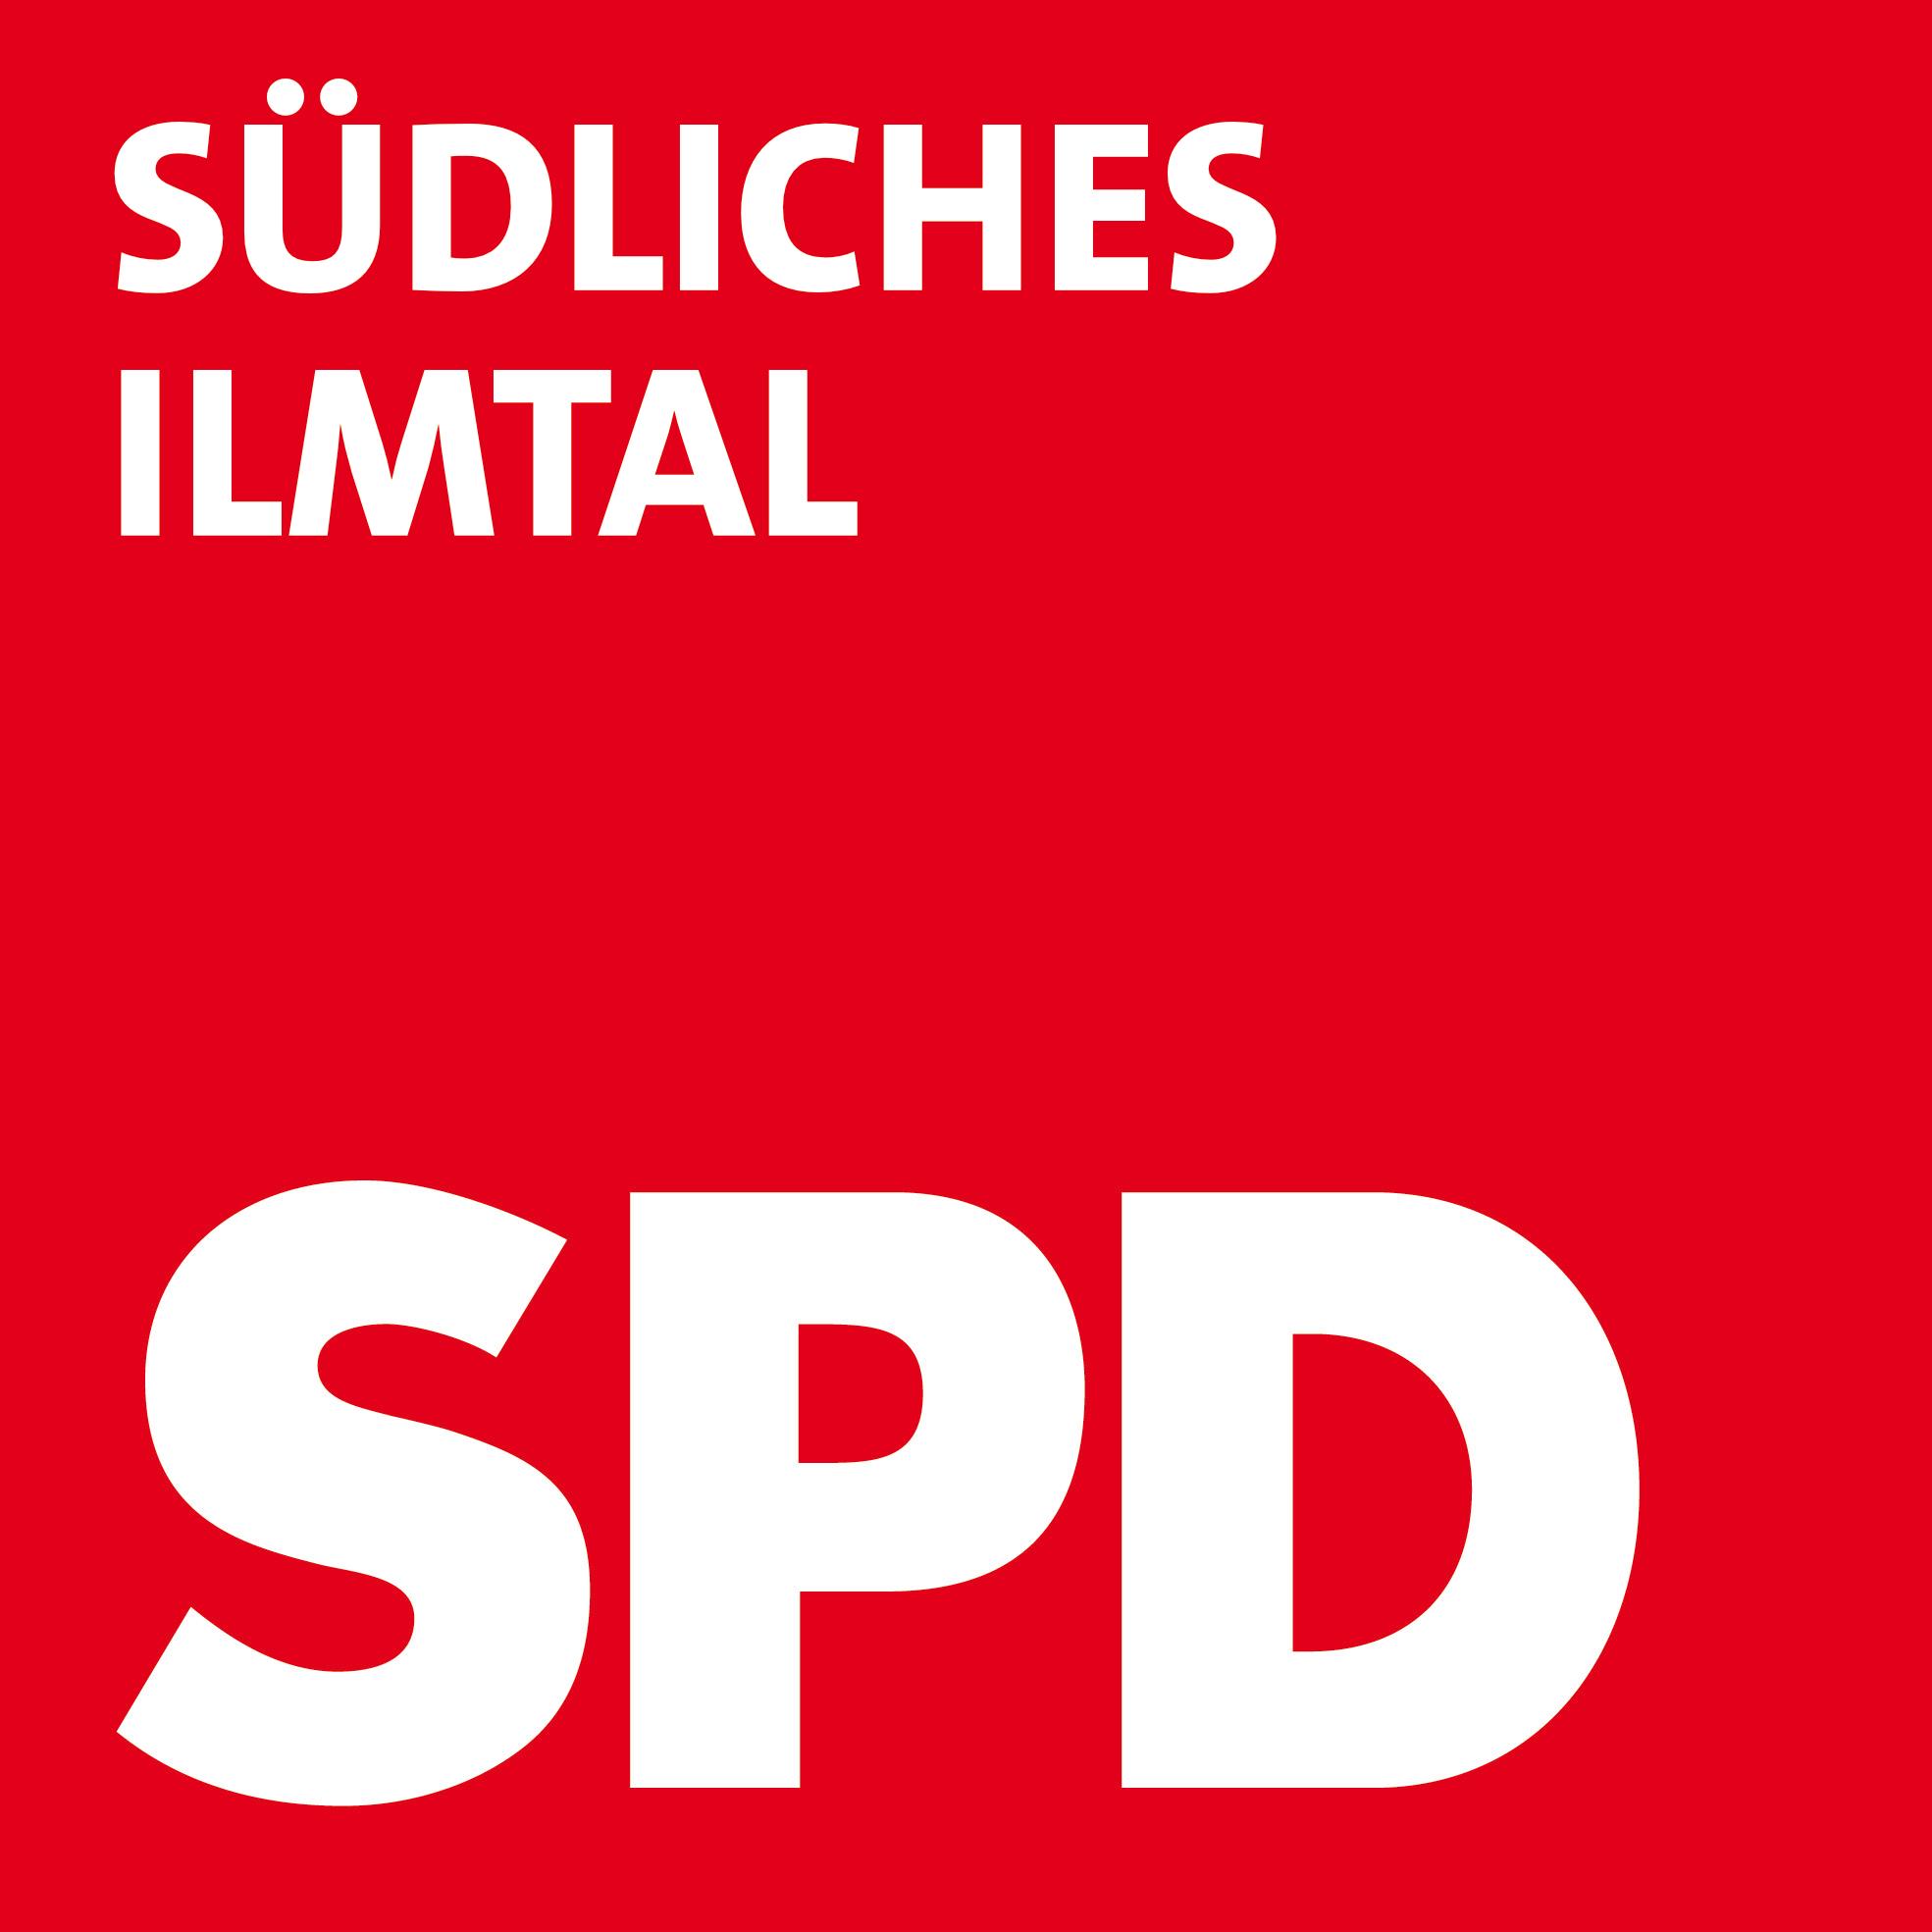 SPD im Südlichen Ilmtal